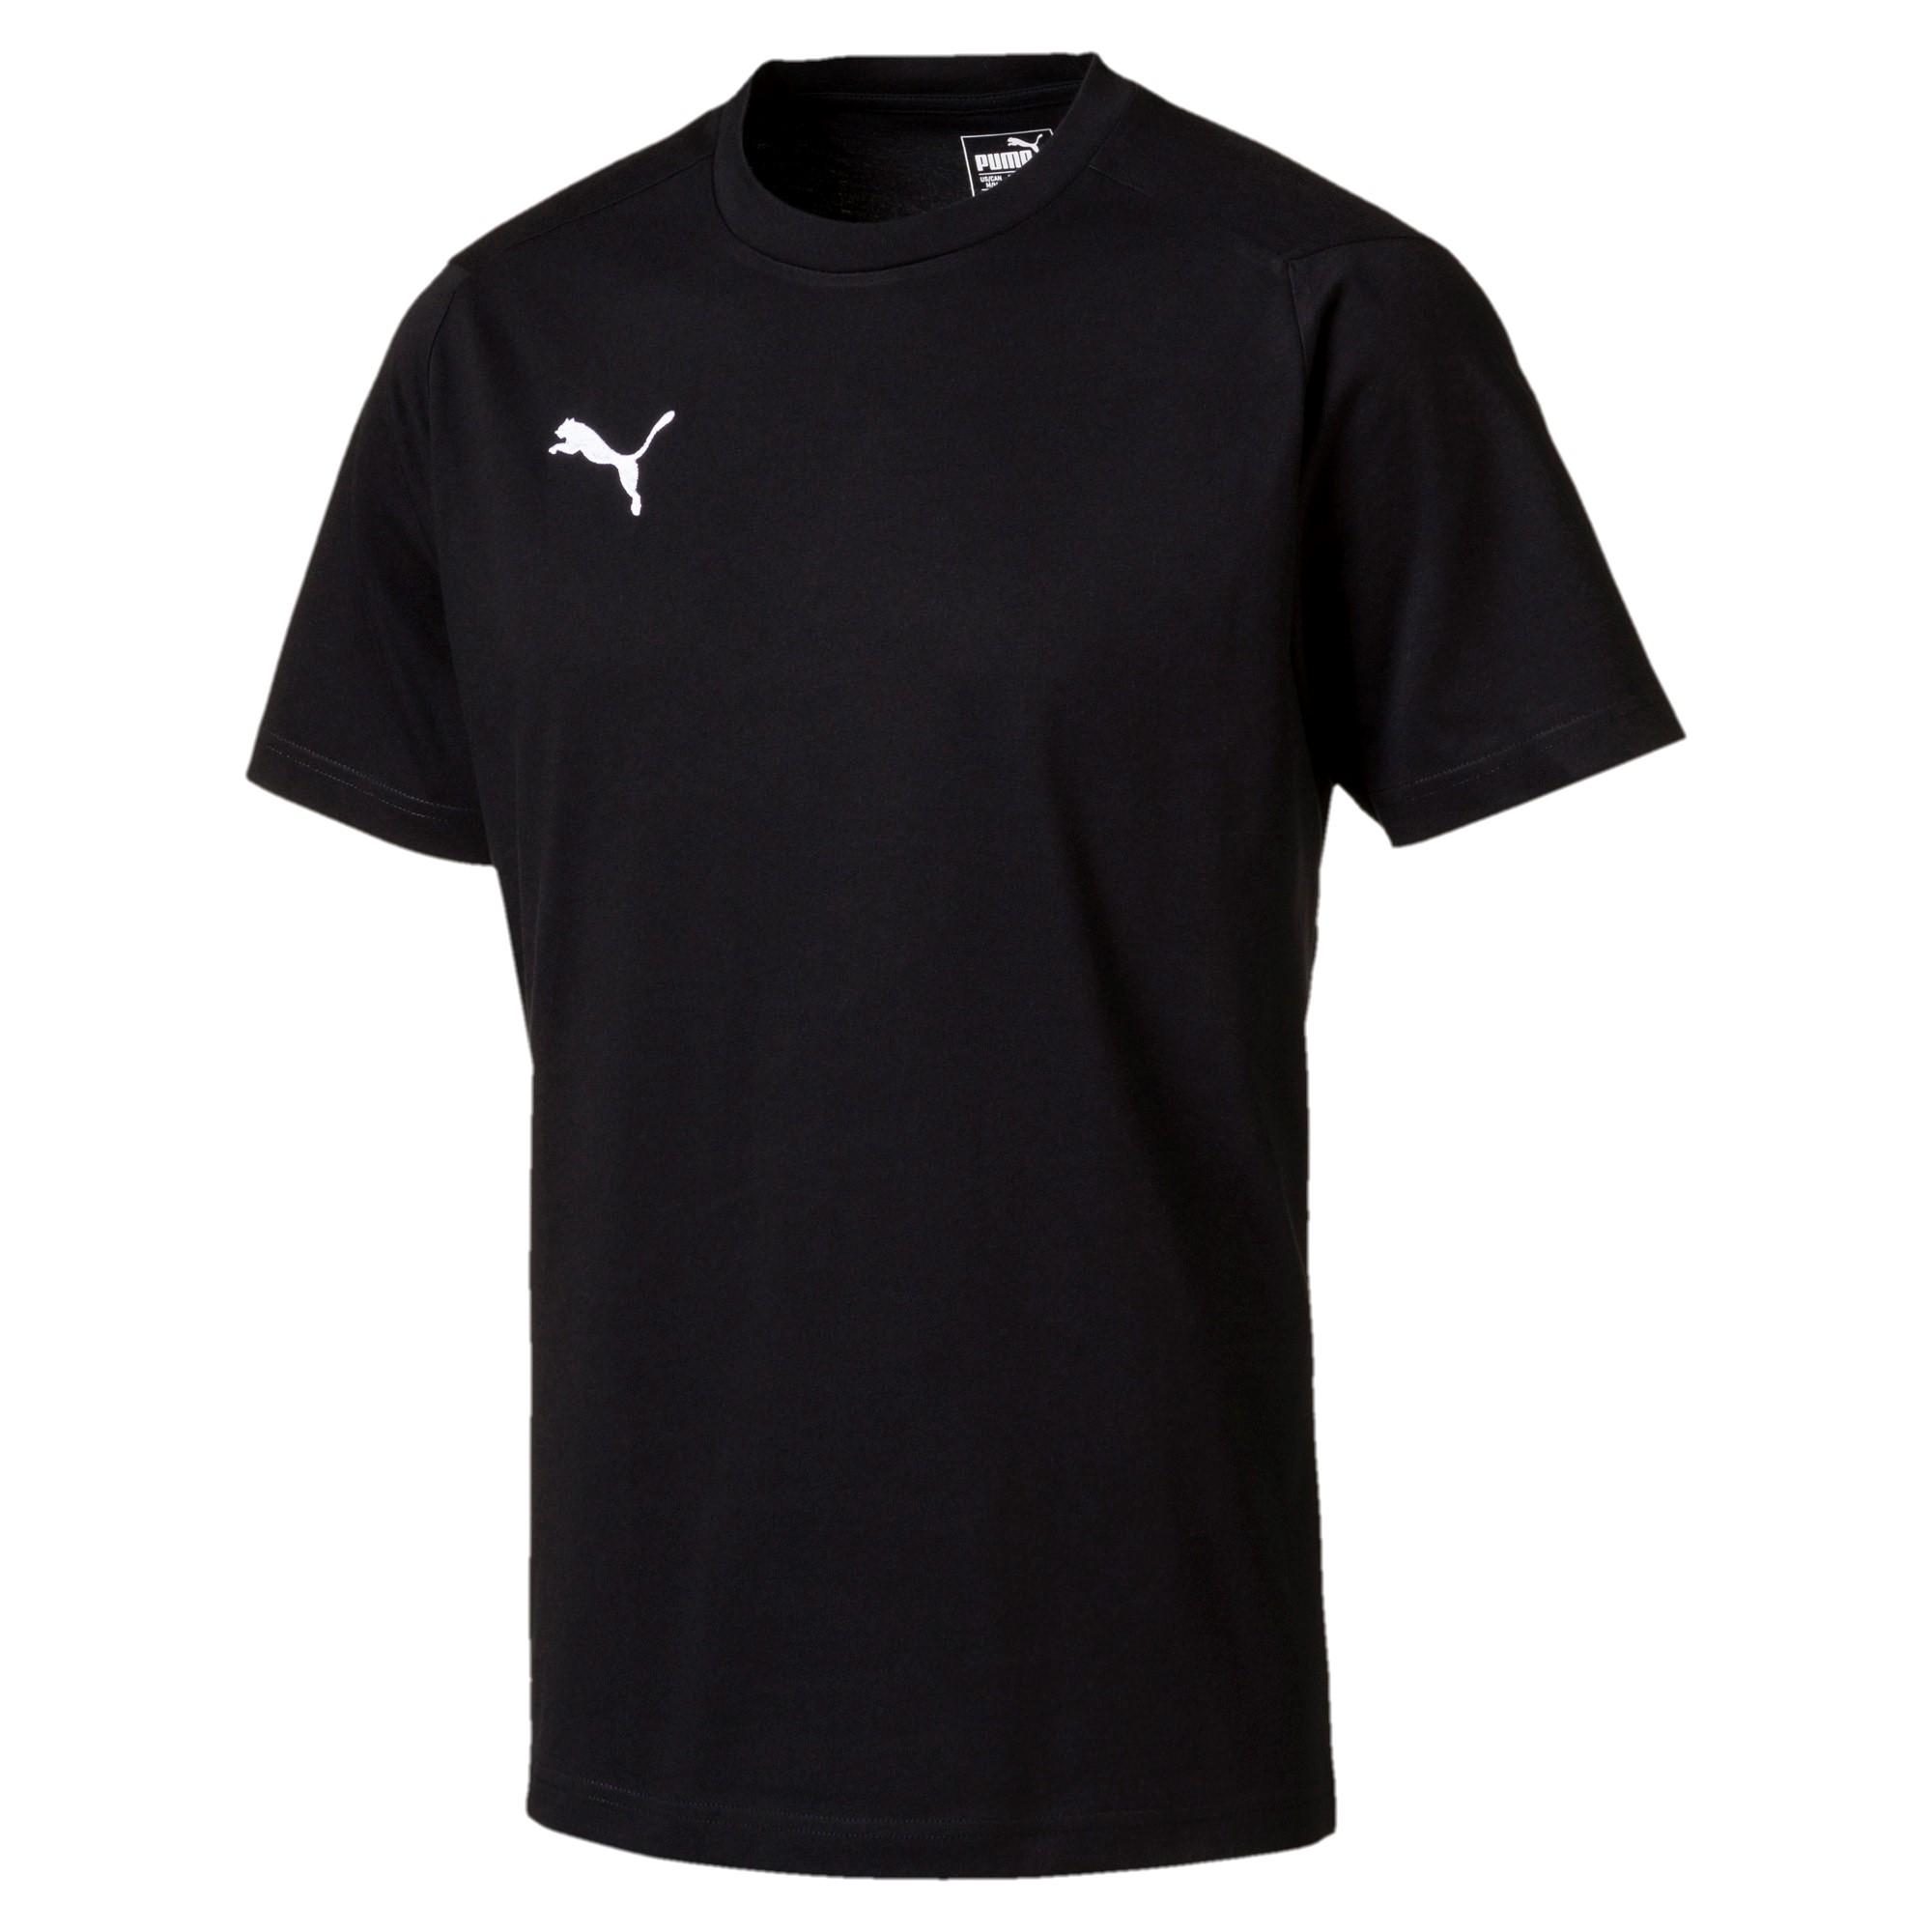 Ligua Casual T-shirt black (prix adultes/ juniors)